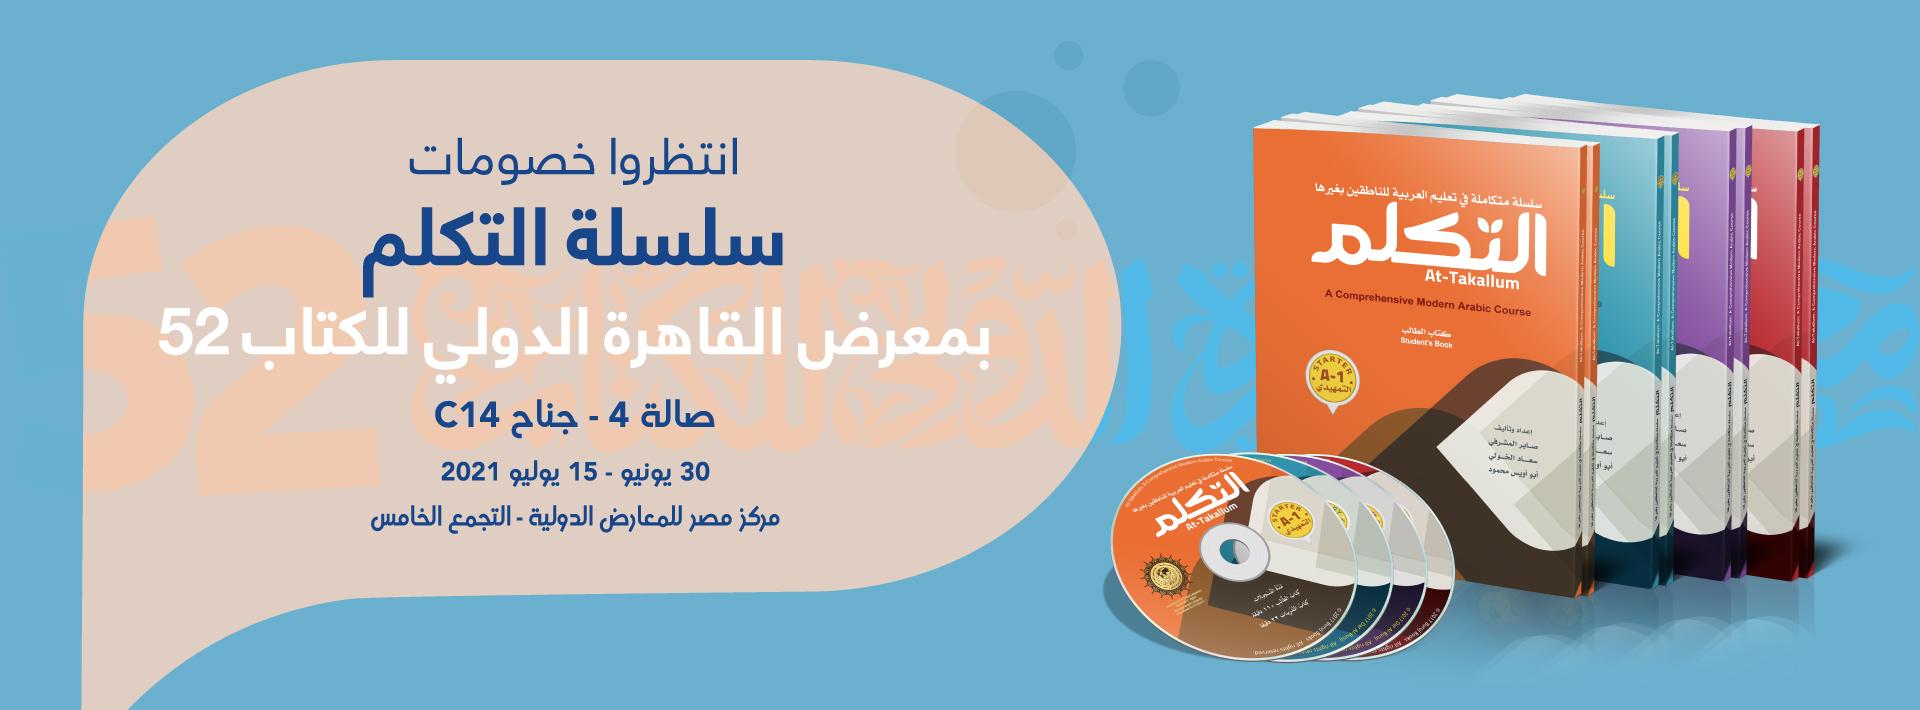 cairo-fair-2021-attakallum-website-banner